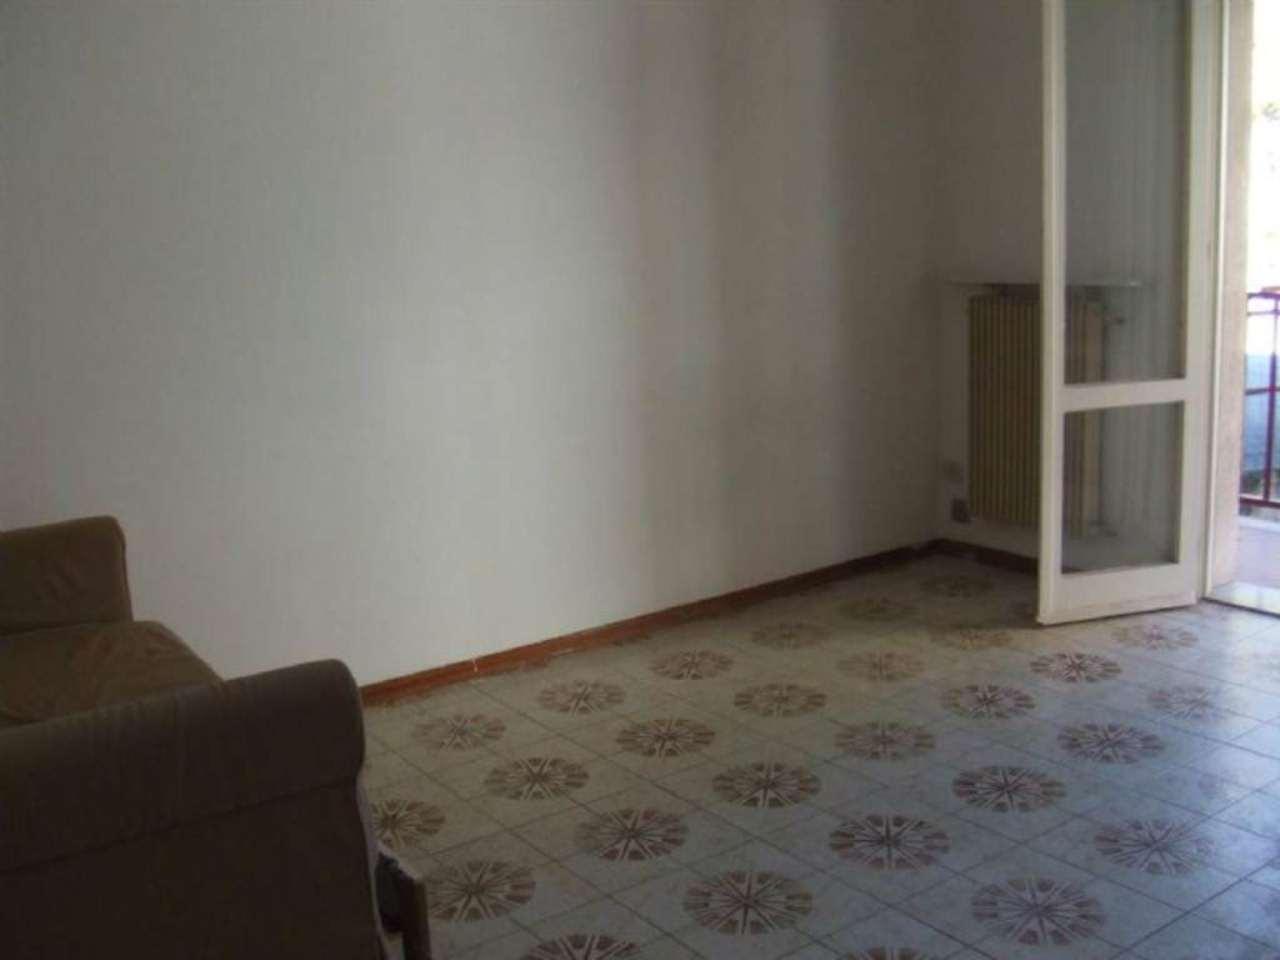 Appartamento in vendita a Casarza Ligure, 2 locali, prezzo € 89.000 | Cambio Casa.it